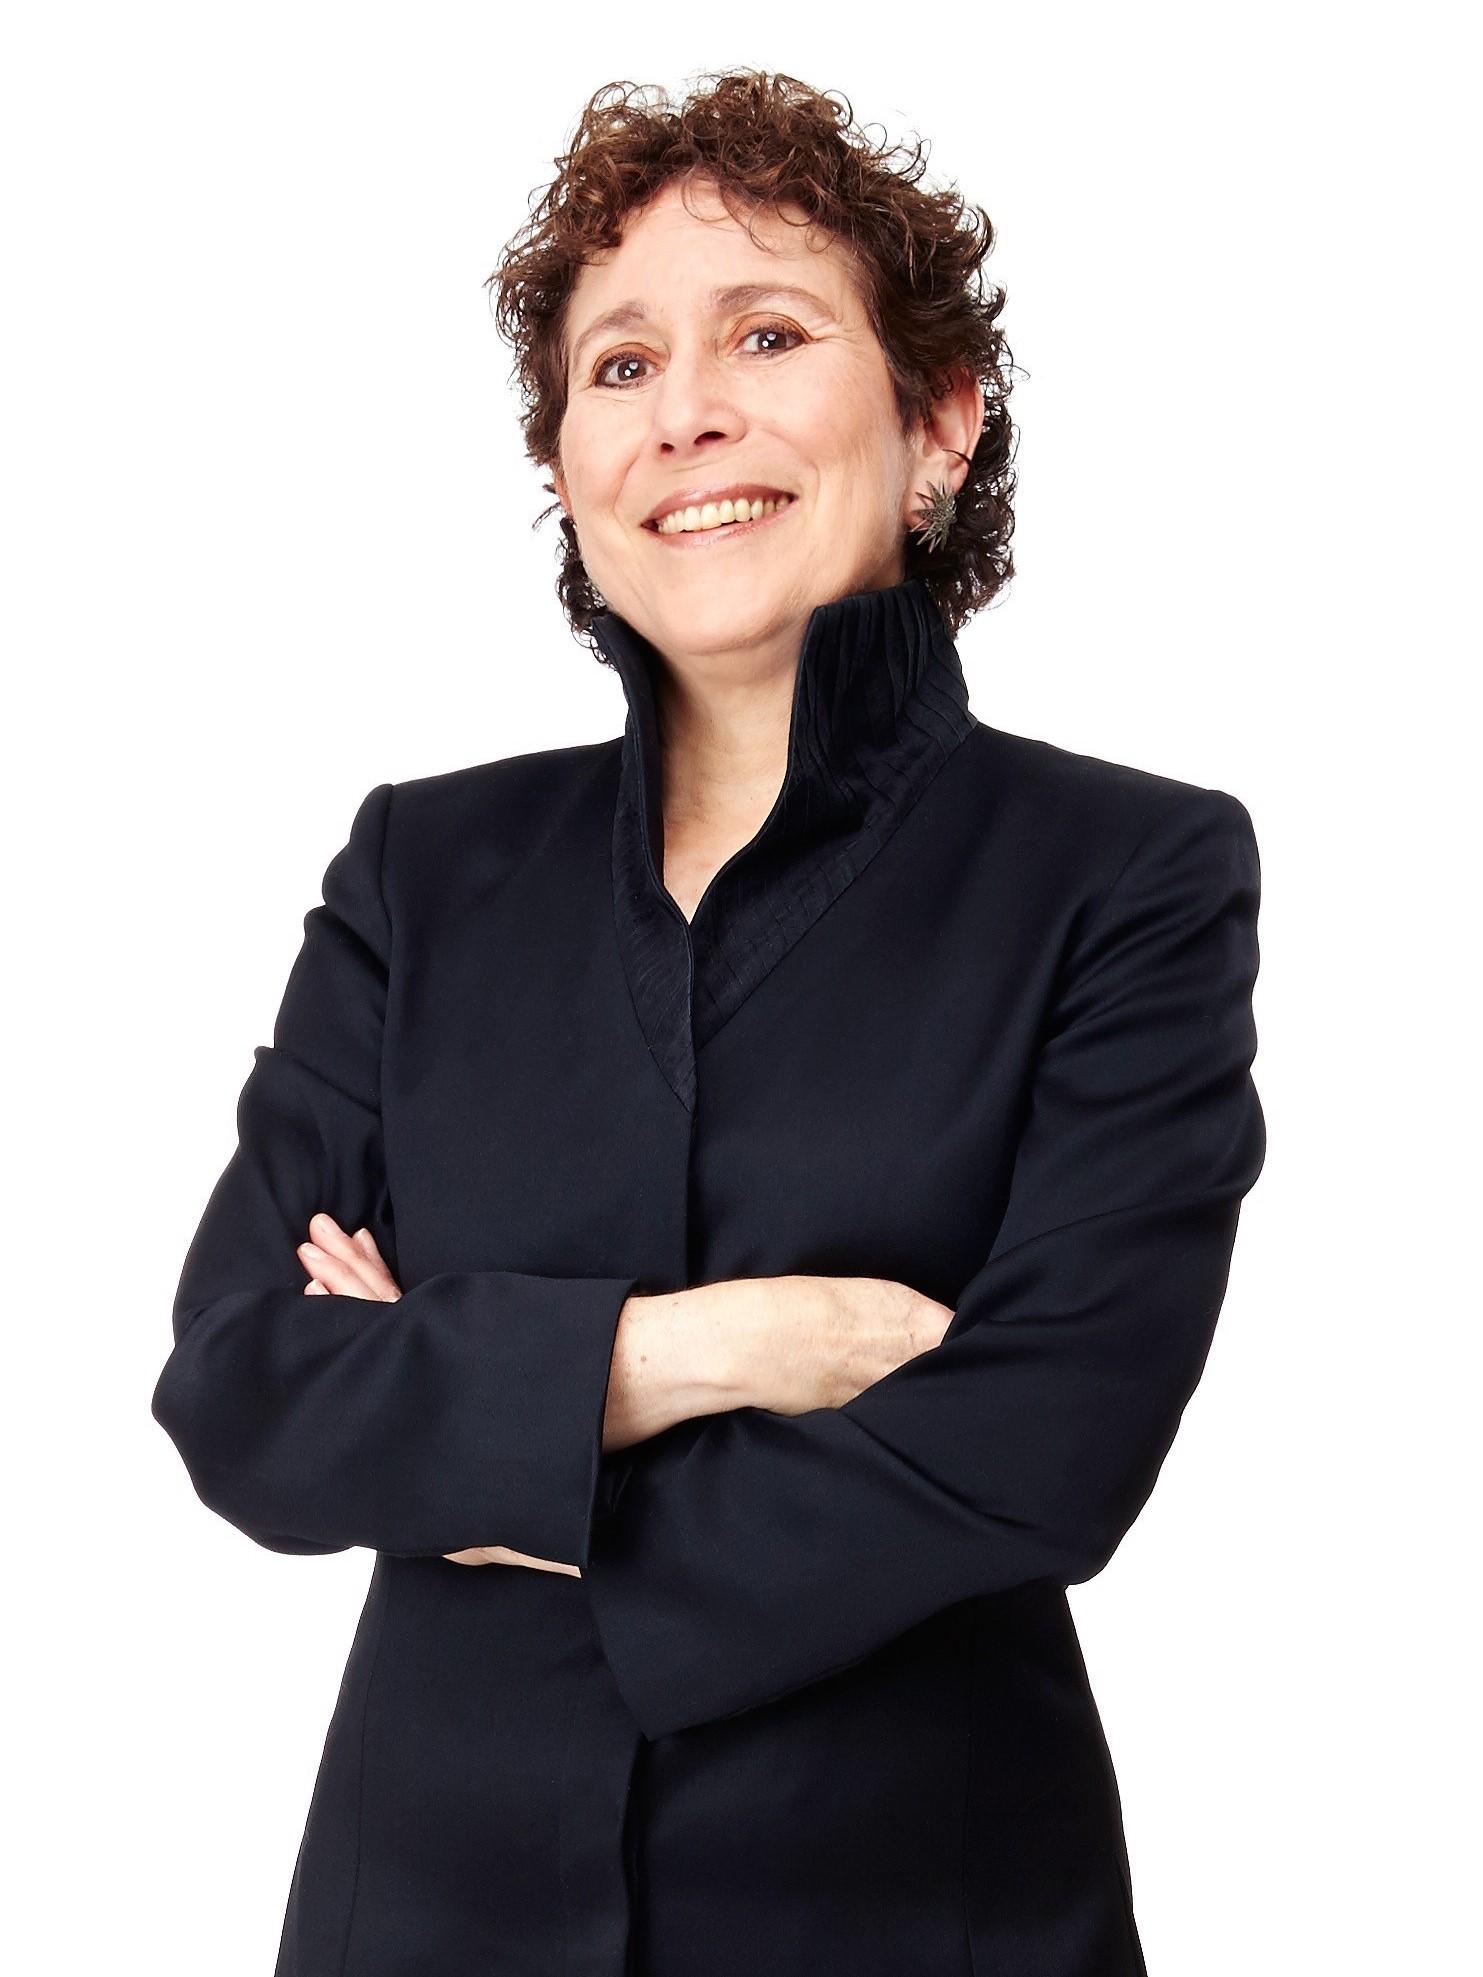 Amy Kaiser